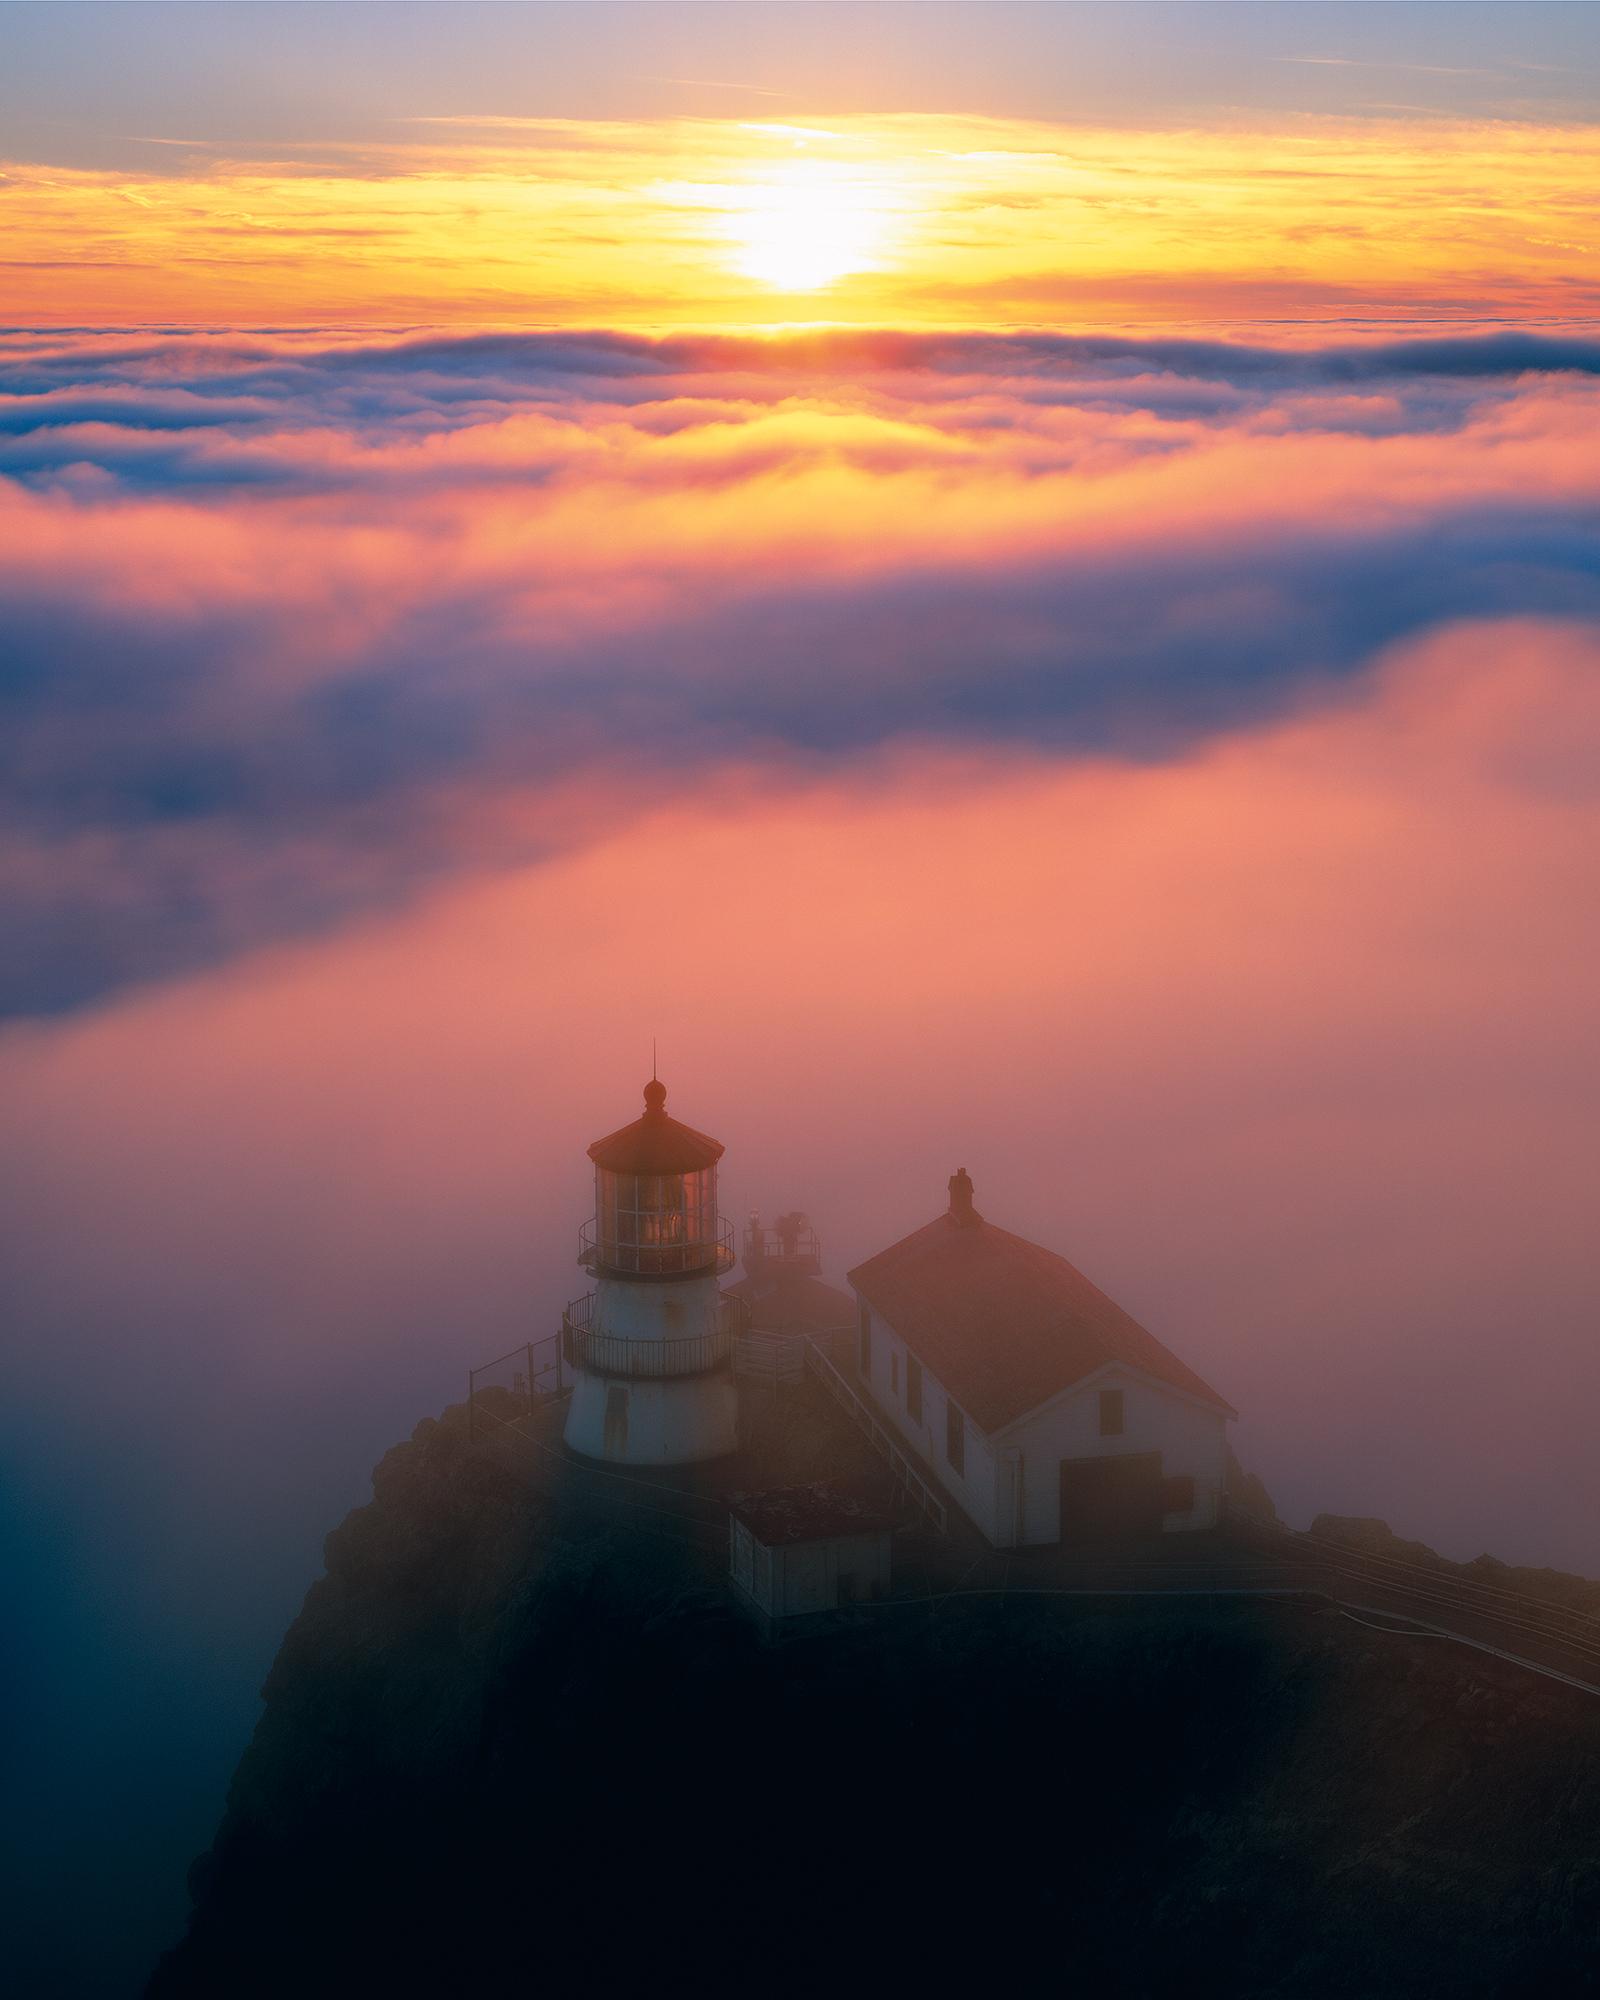 Pt Reyes Lighthouse.jpg